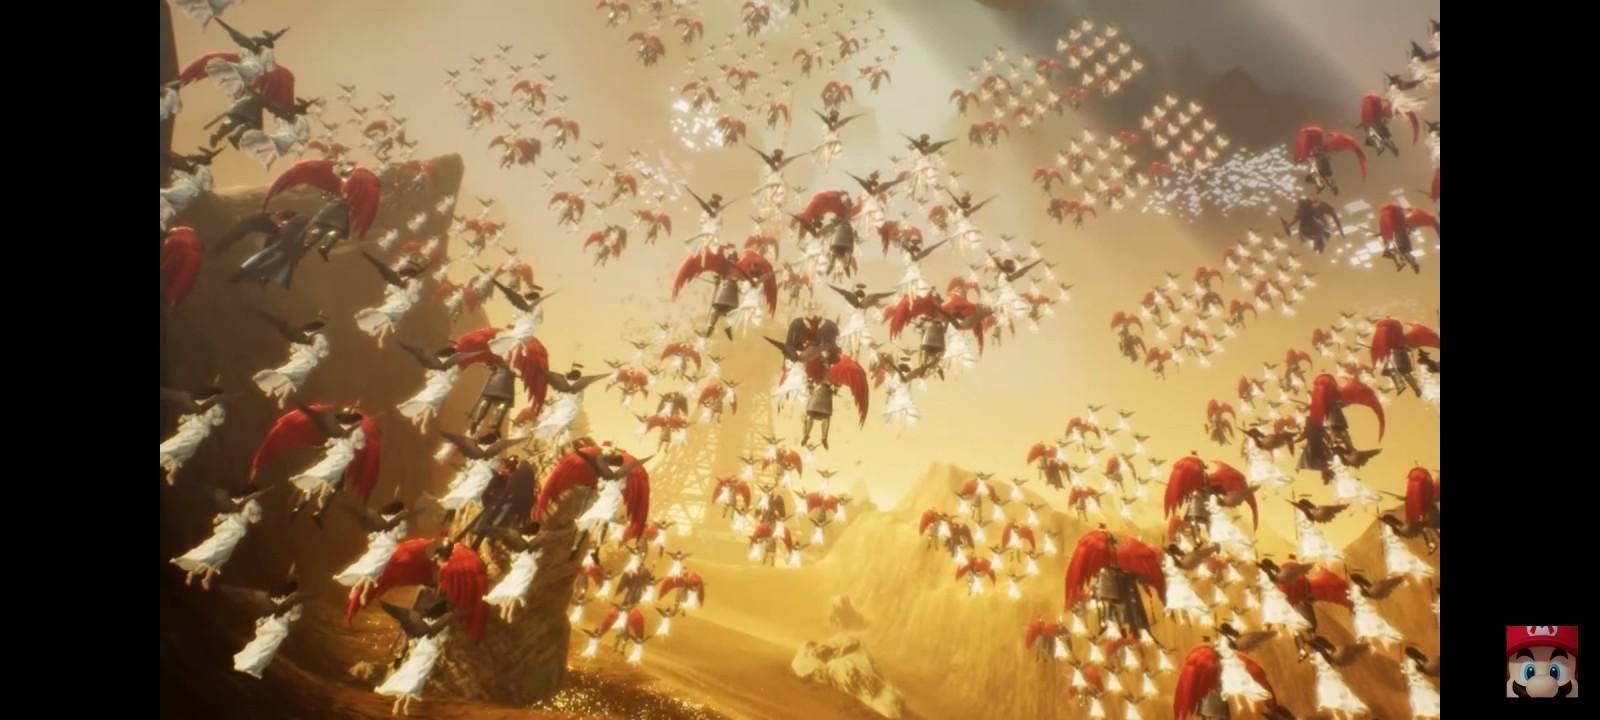 Nintendo Direct Mini: Se vienen nuevas joyas 40